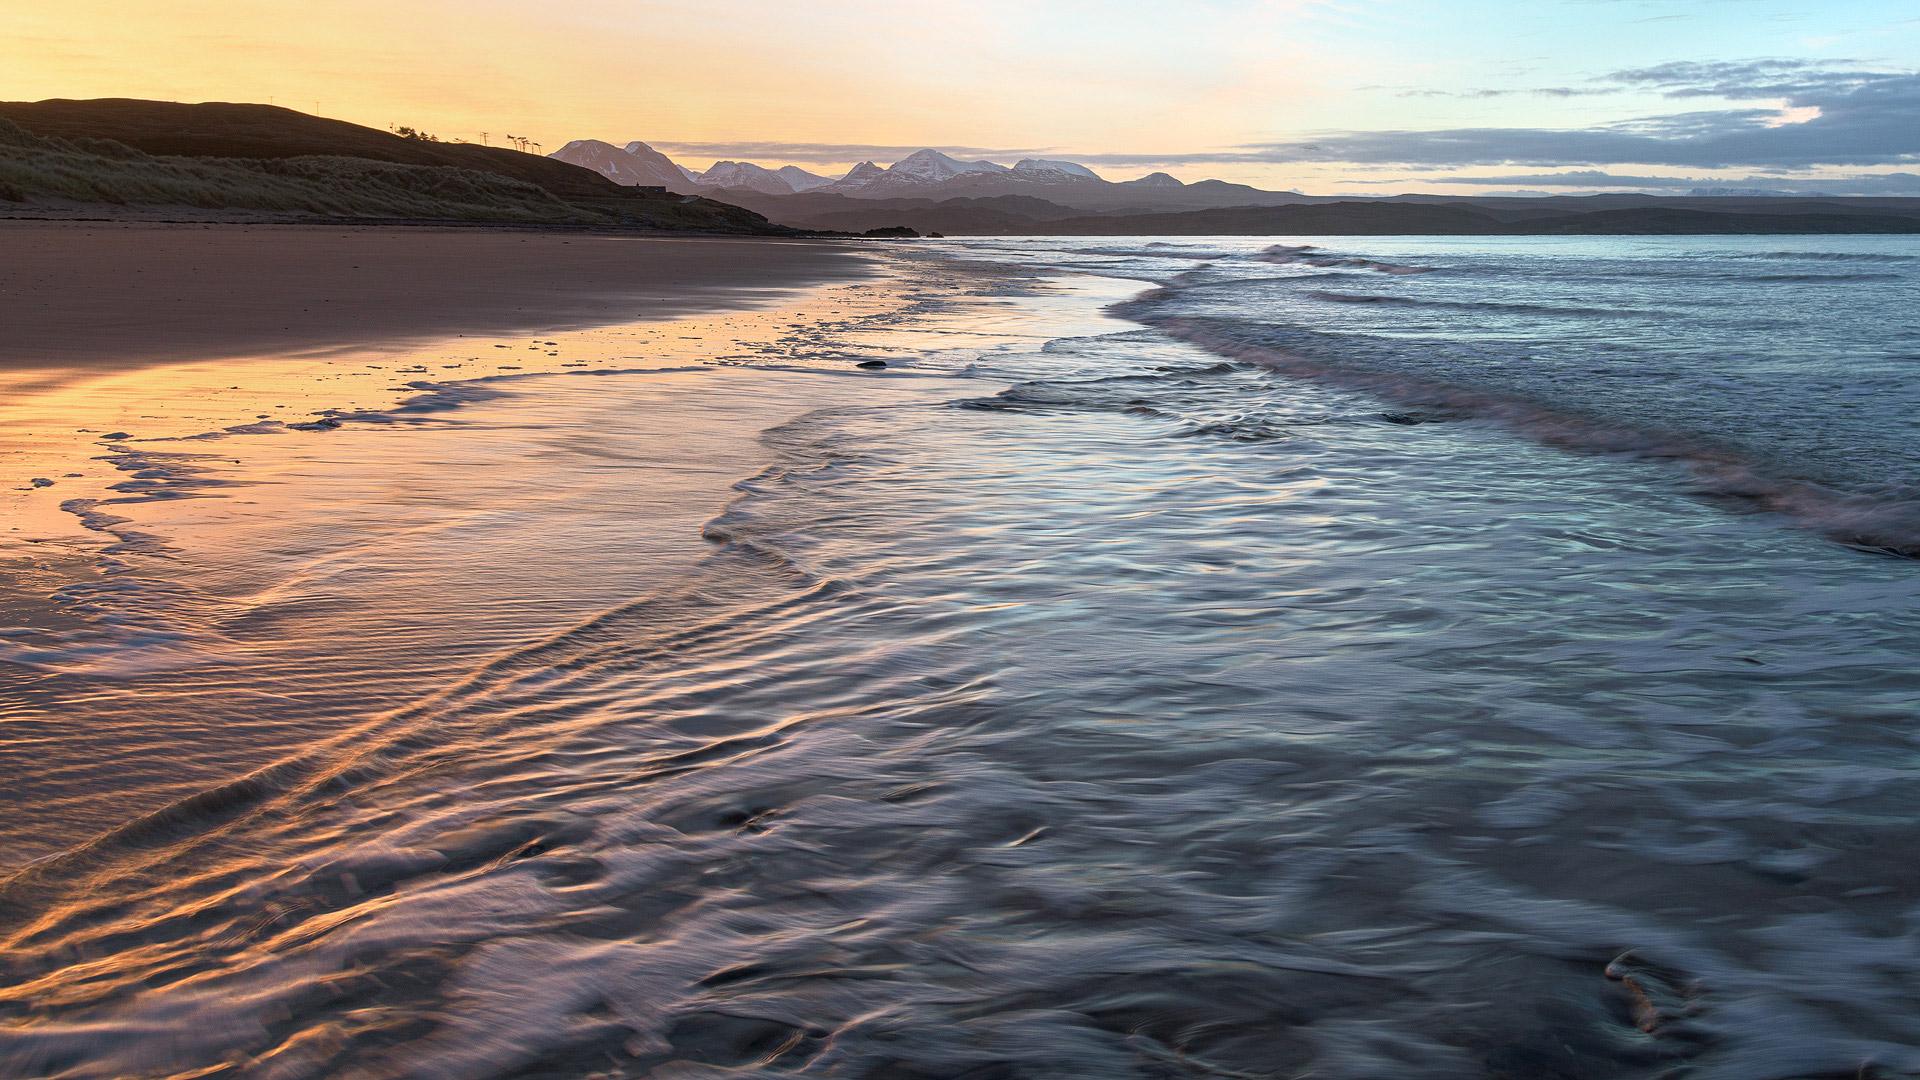 Sonnenaufgang am Strand von Big Sand mit Blicken auf die Berge von Torridon